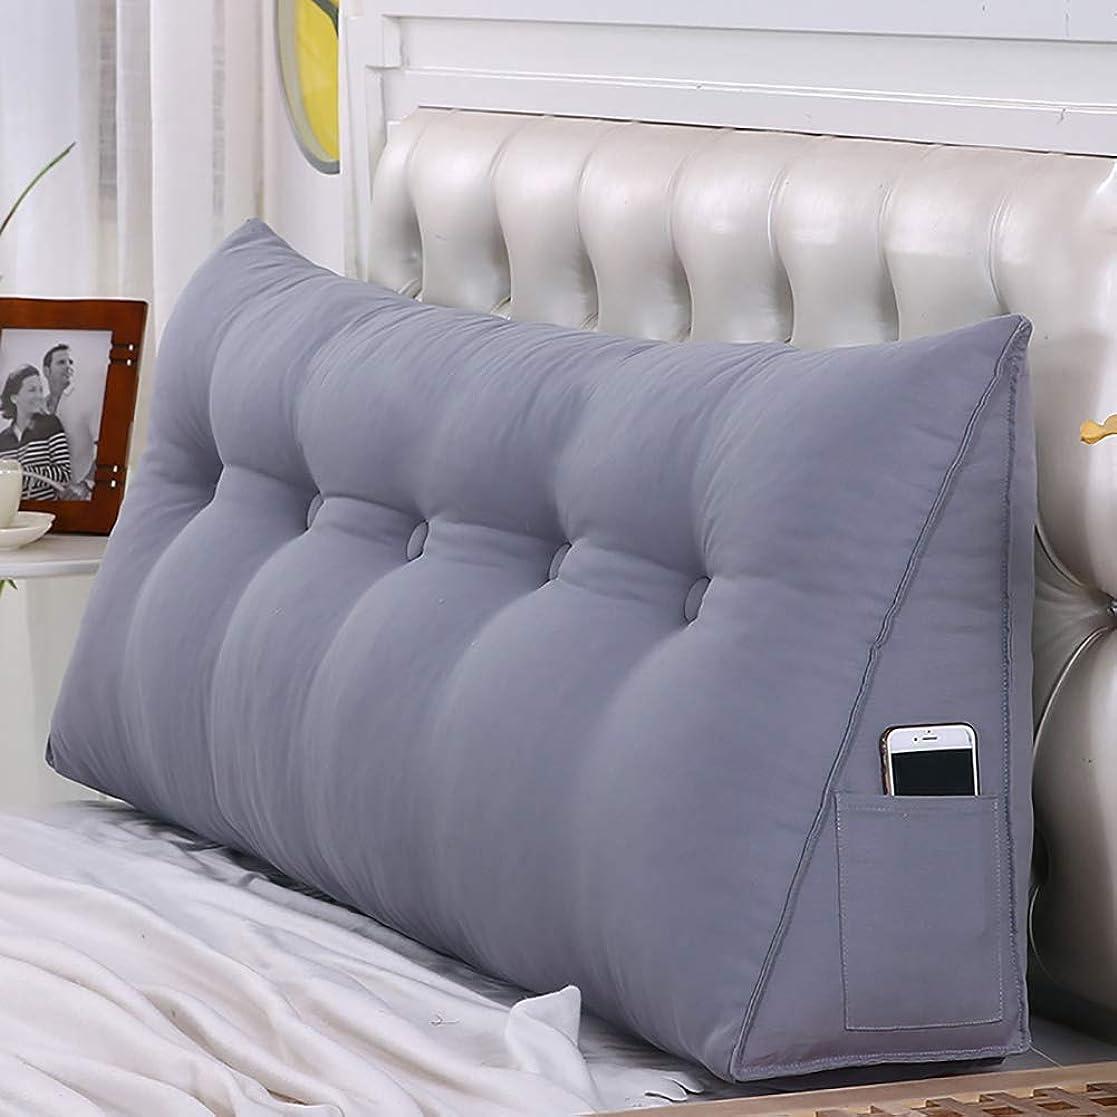 出撃者電卓ぼかす三角形 戻る クッション 枕, 大 三角枕 位置決め サポート 読書用クッション, 背もたれ 腰椎パッド の ソファ ベッド-b